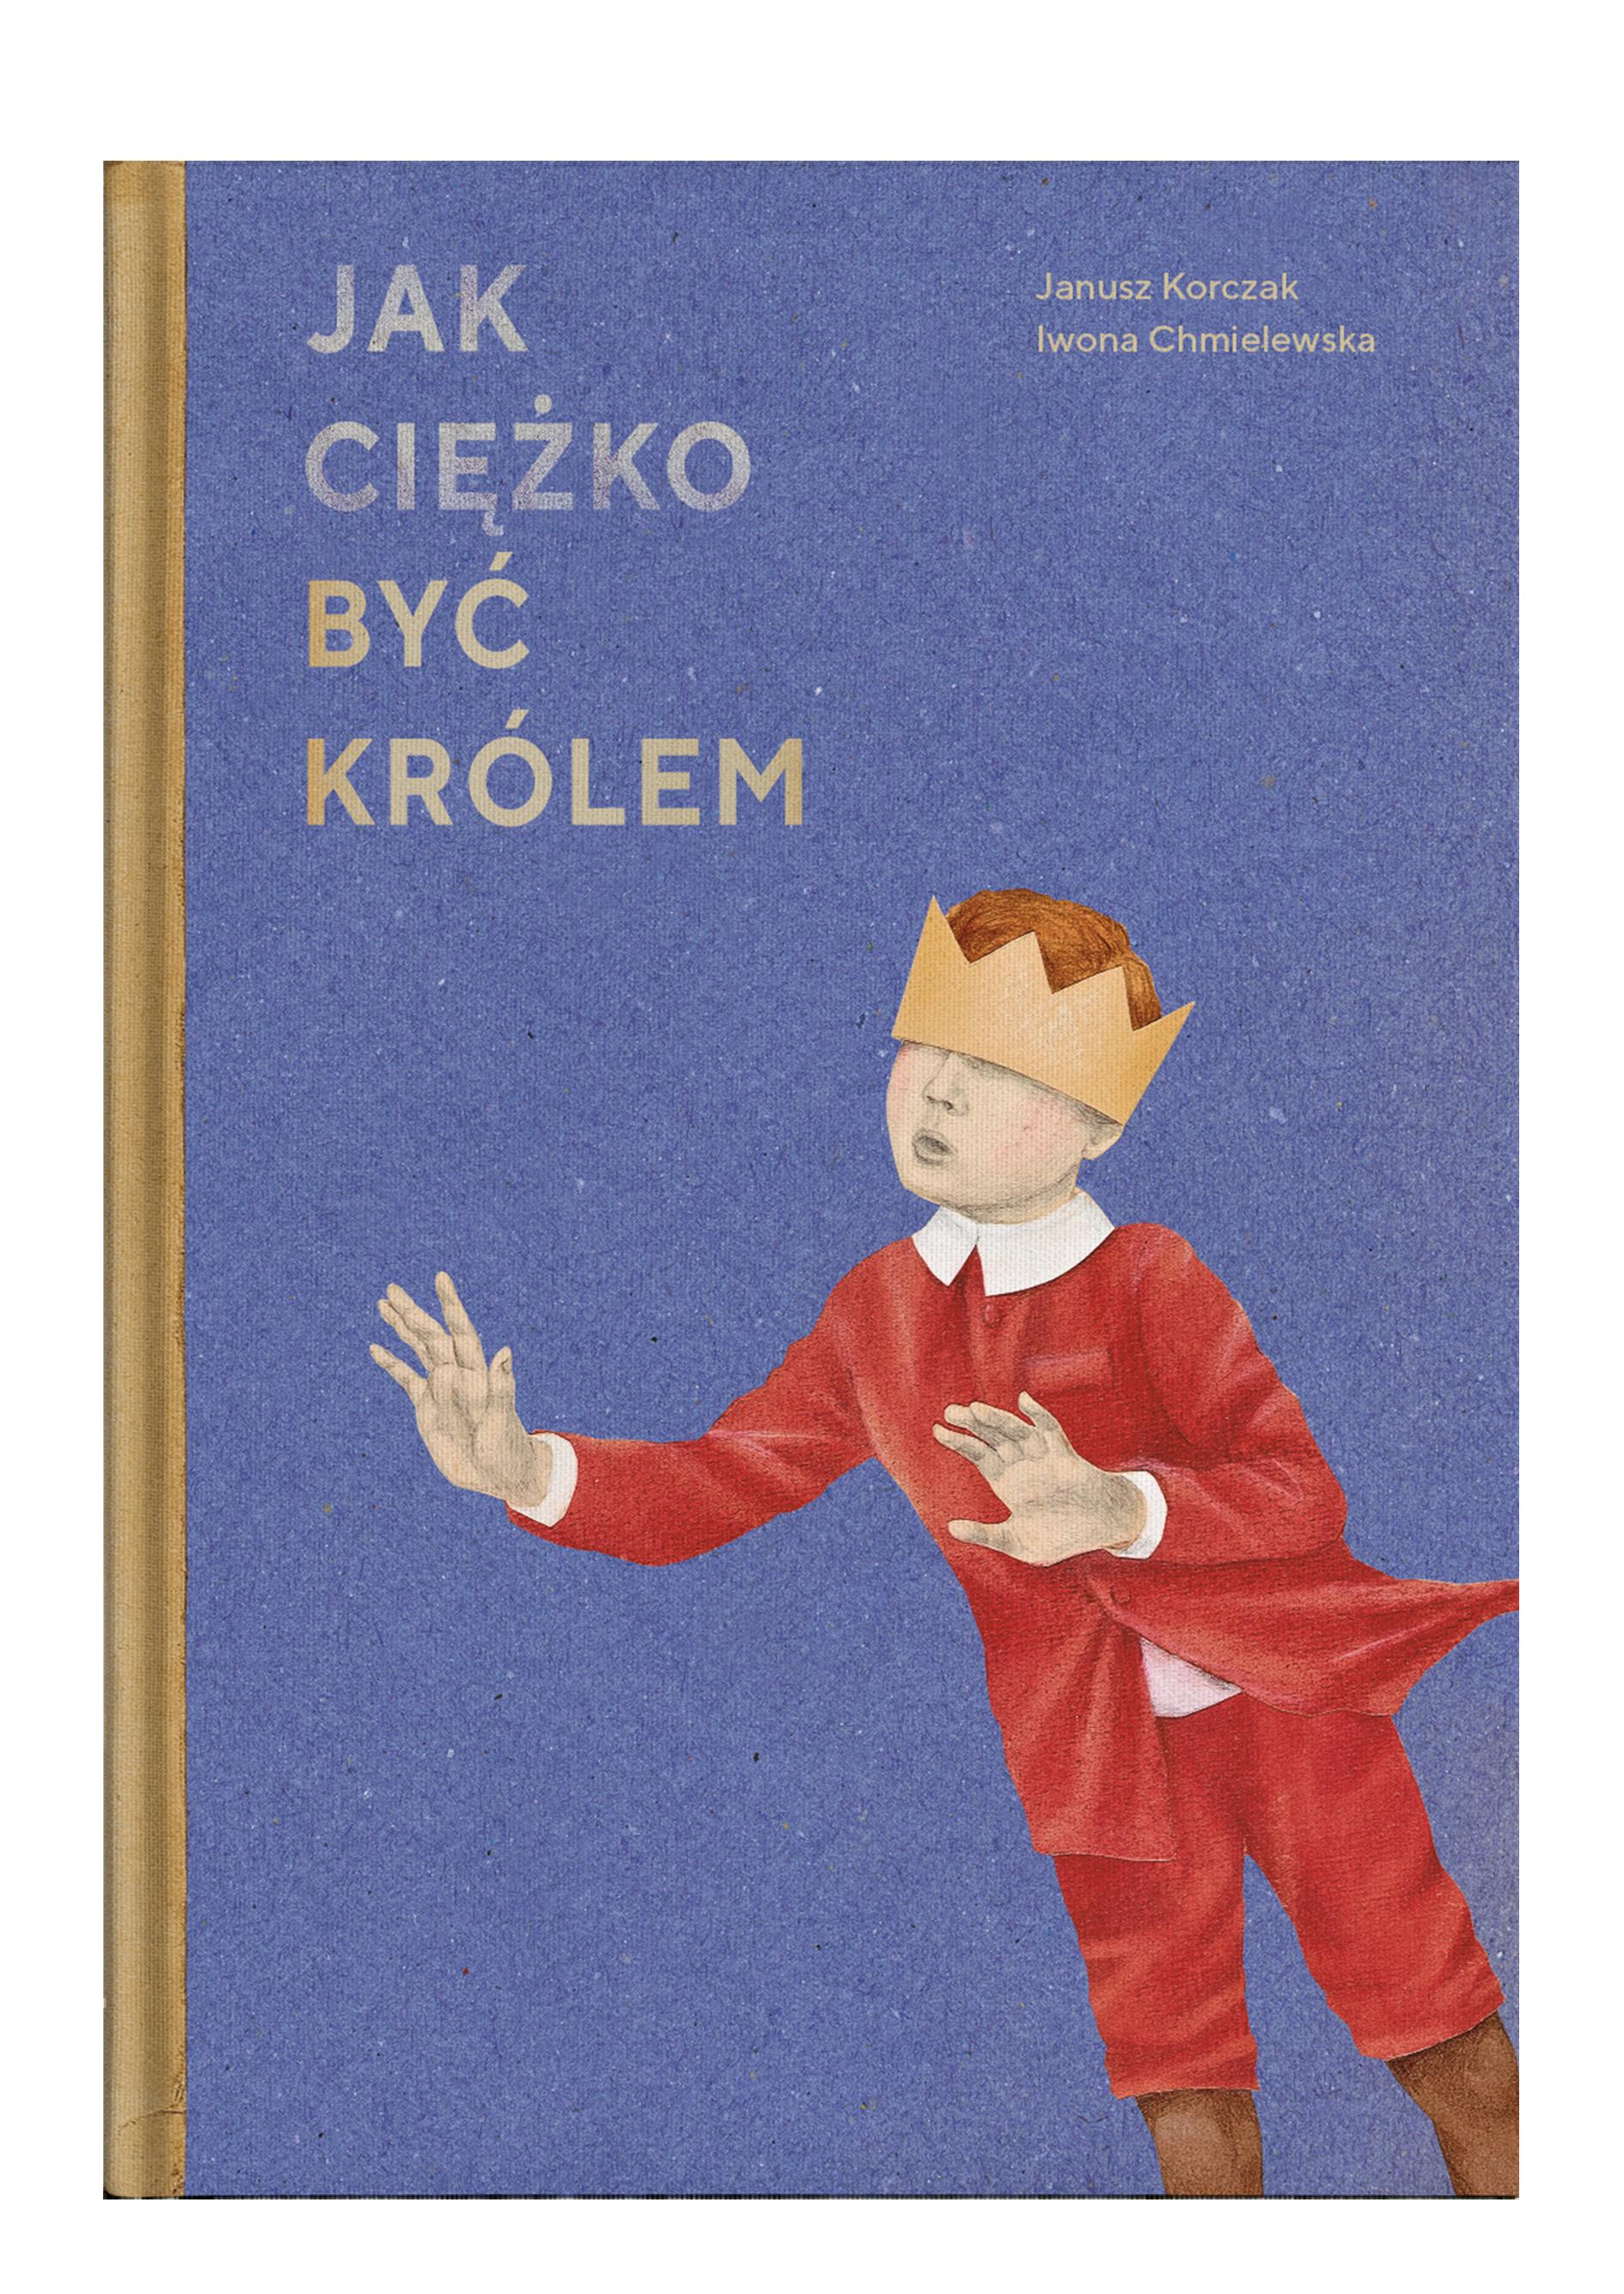 Okładka Janusz Korczak, Iwona Chmielewska